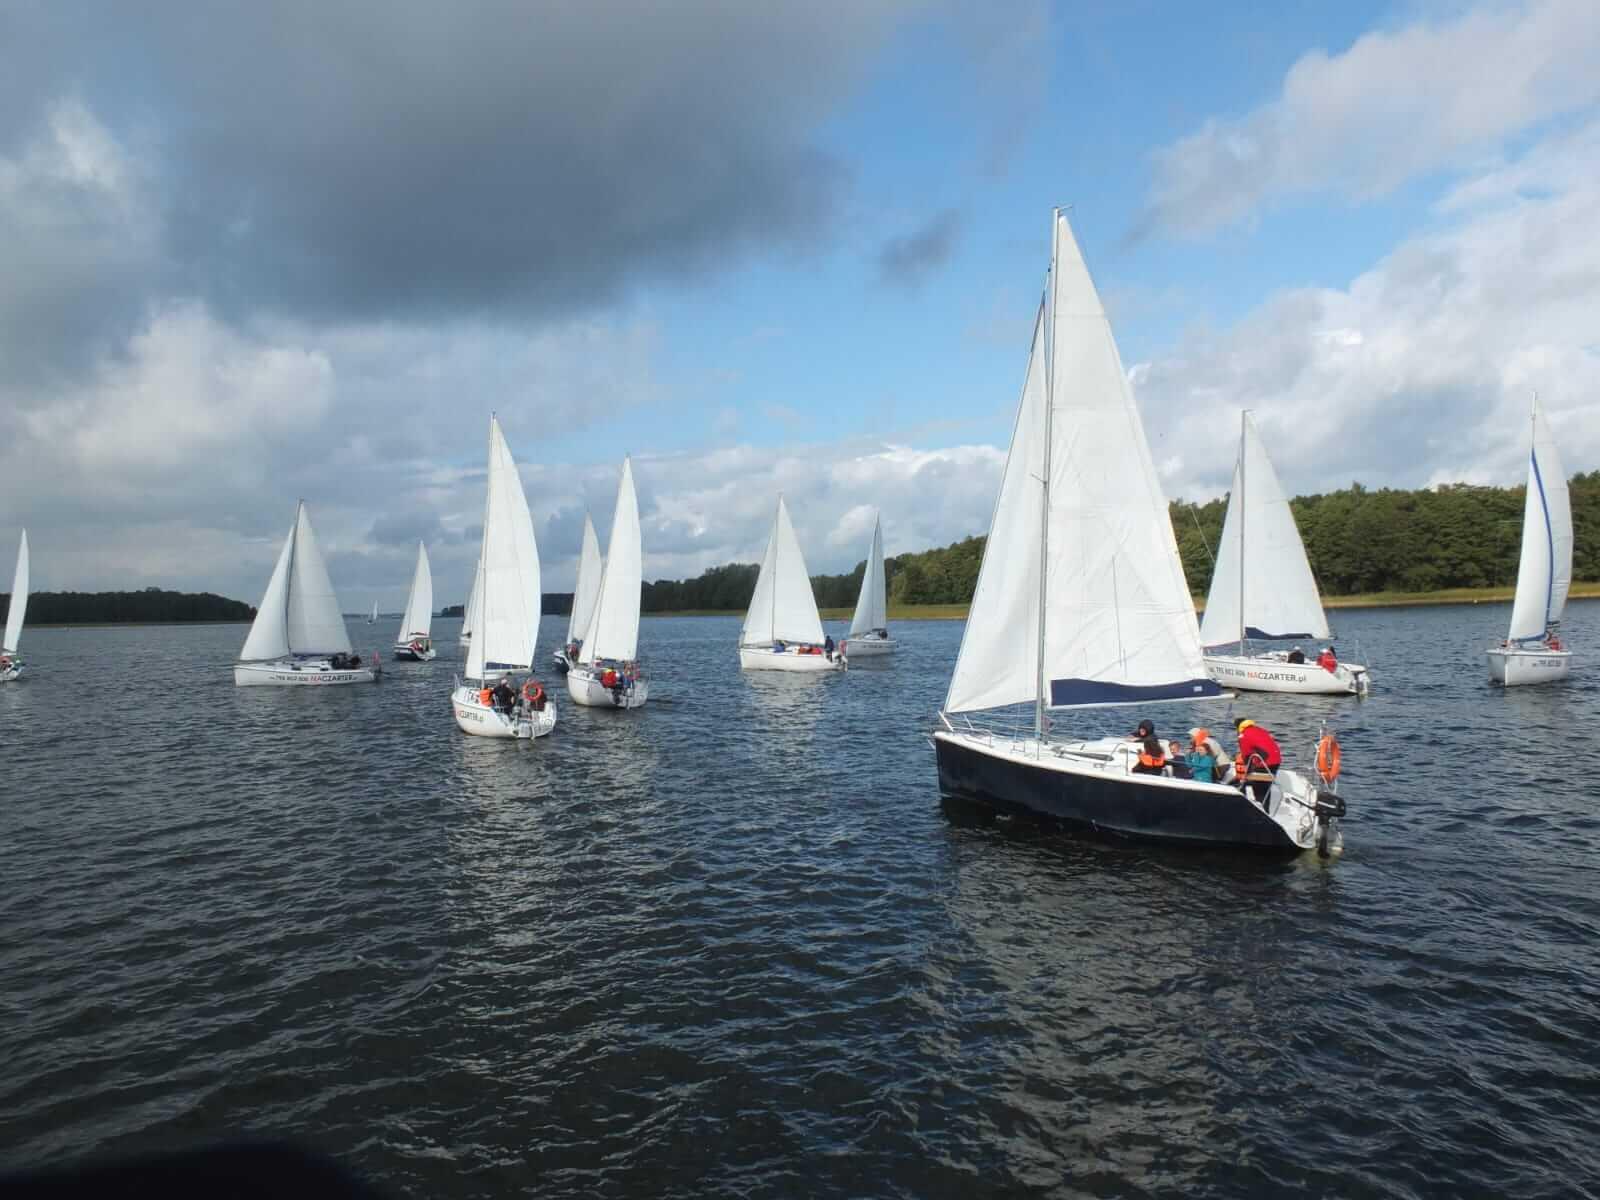 regaty żeglarskie Naczarter CUP 2020